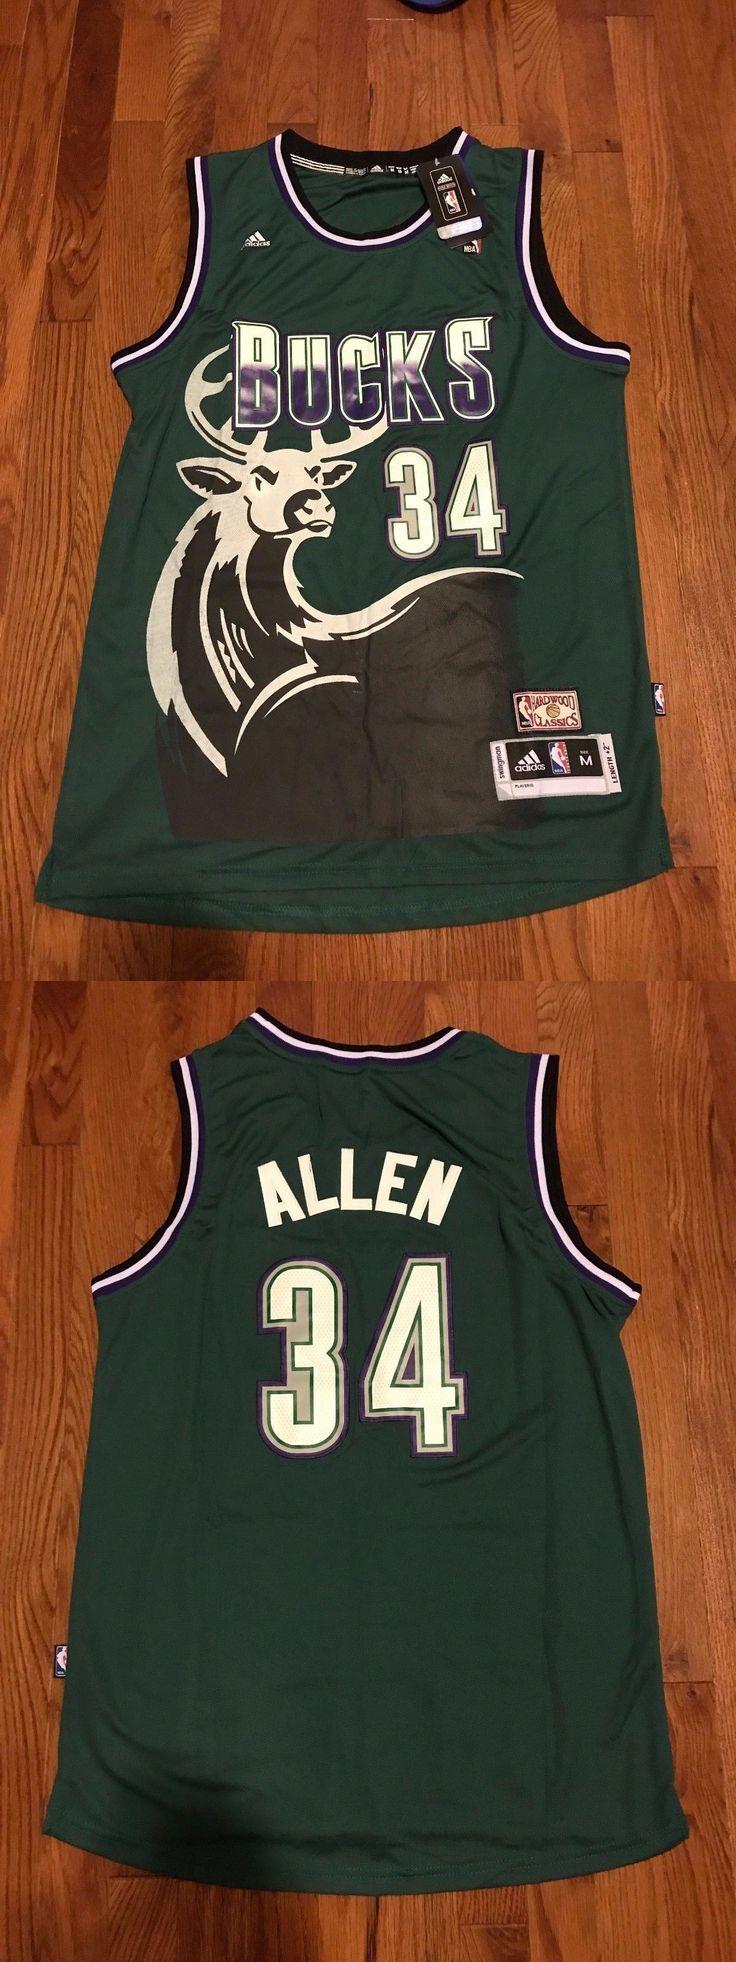 Basketball-NBA 24442: Nba Milwaukee Bucks Ray Allen Hardwood Classic Swingman Men Jersey -> BUY IT NOW ONLY: $34.95 on eBay!